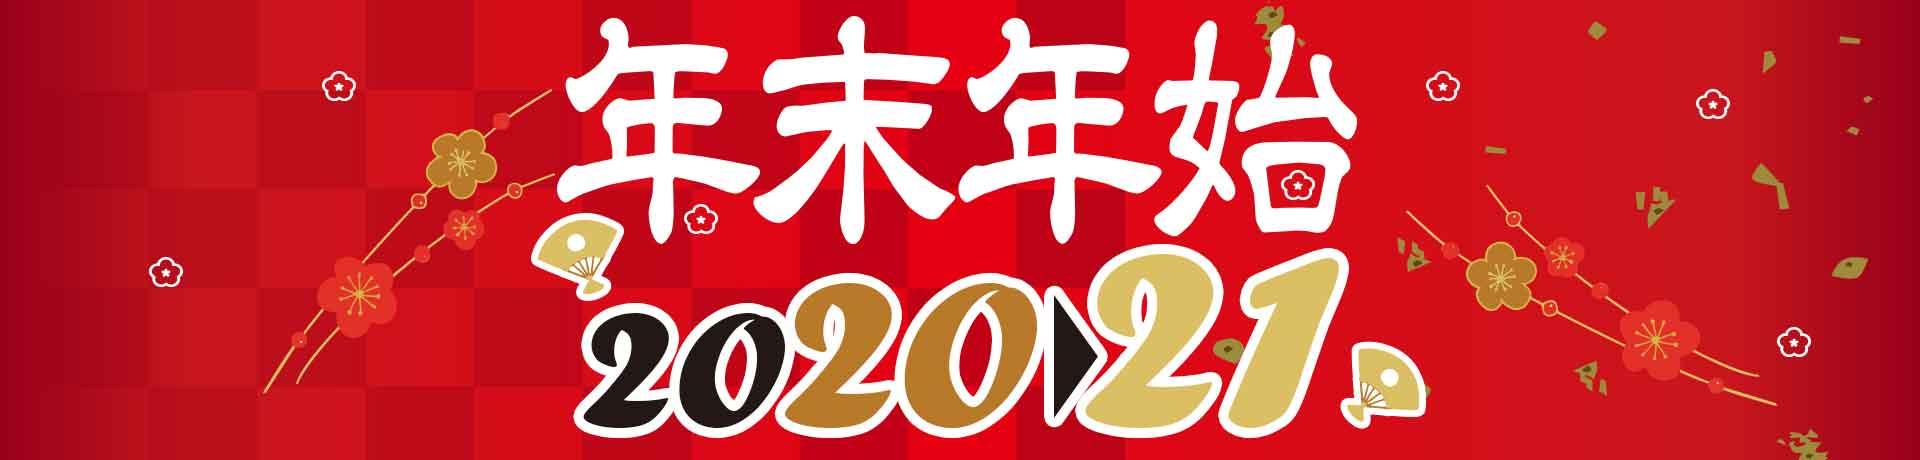 年末年始2020-2021